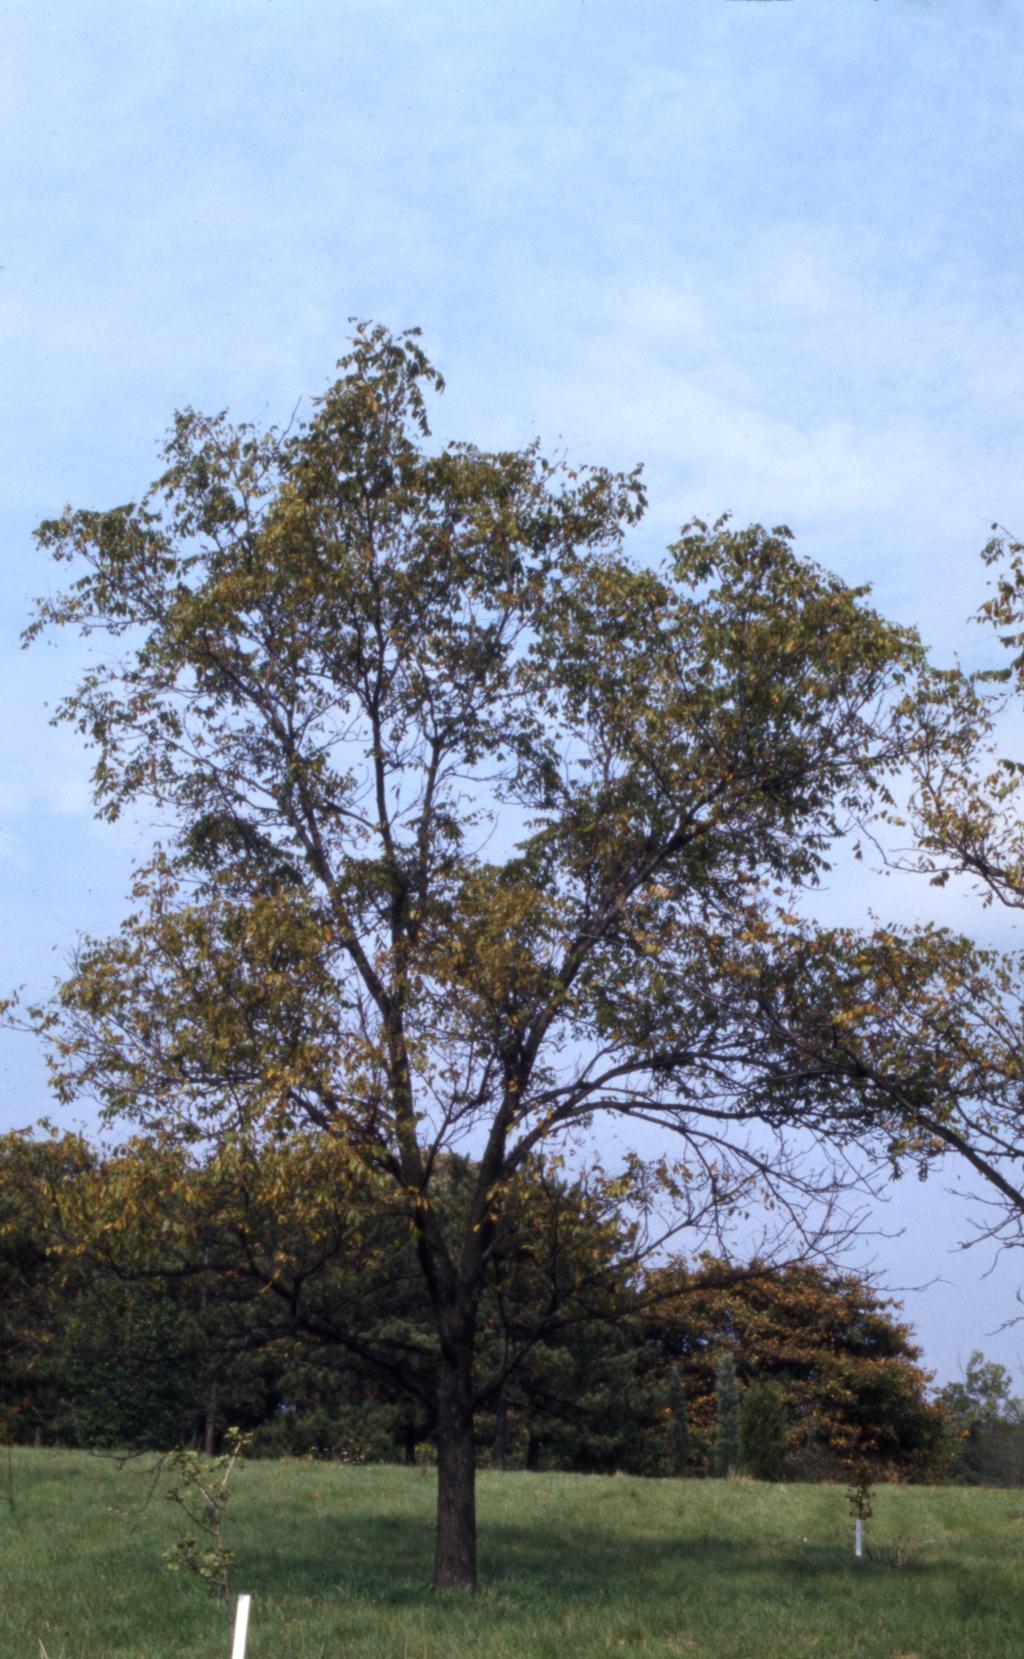 Juglans nigra (black walnut), fall